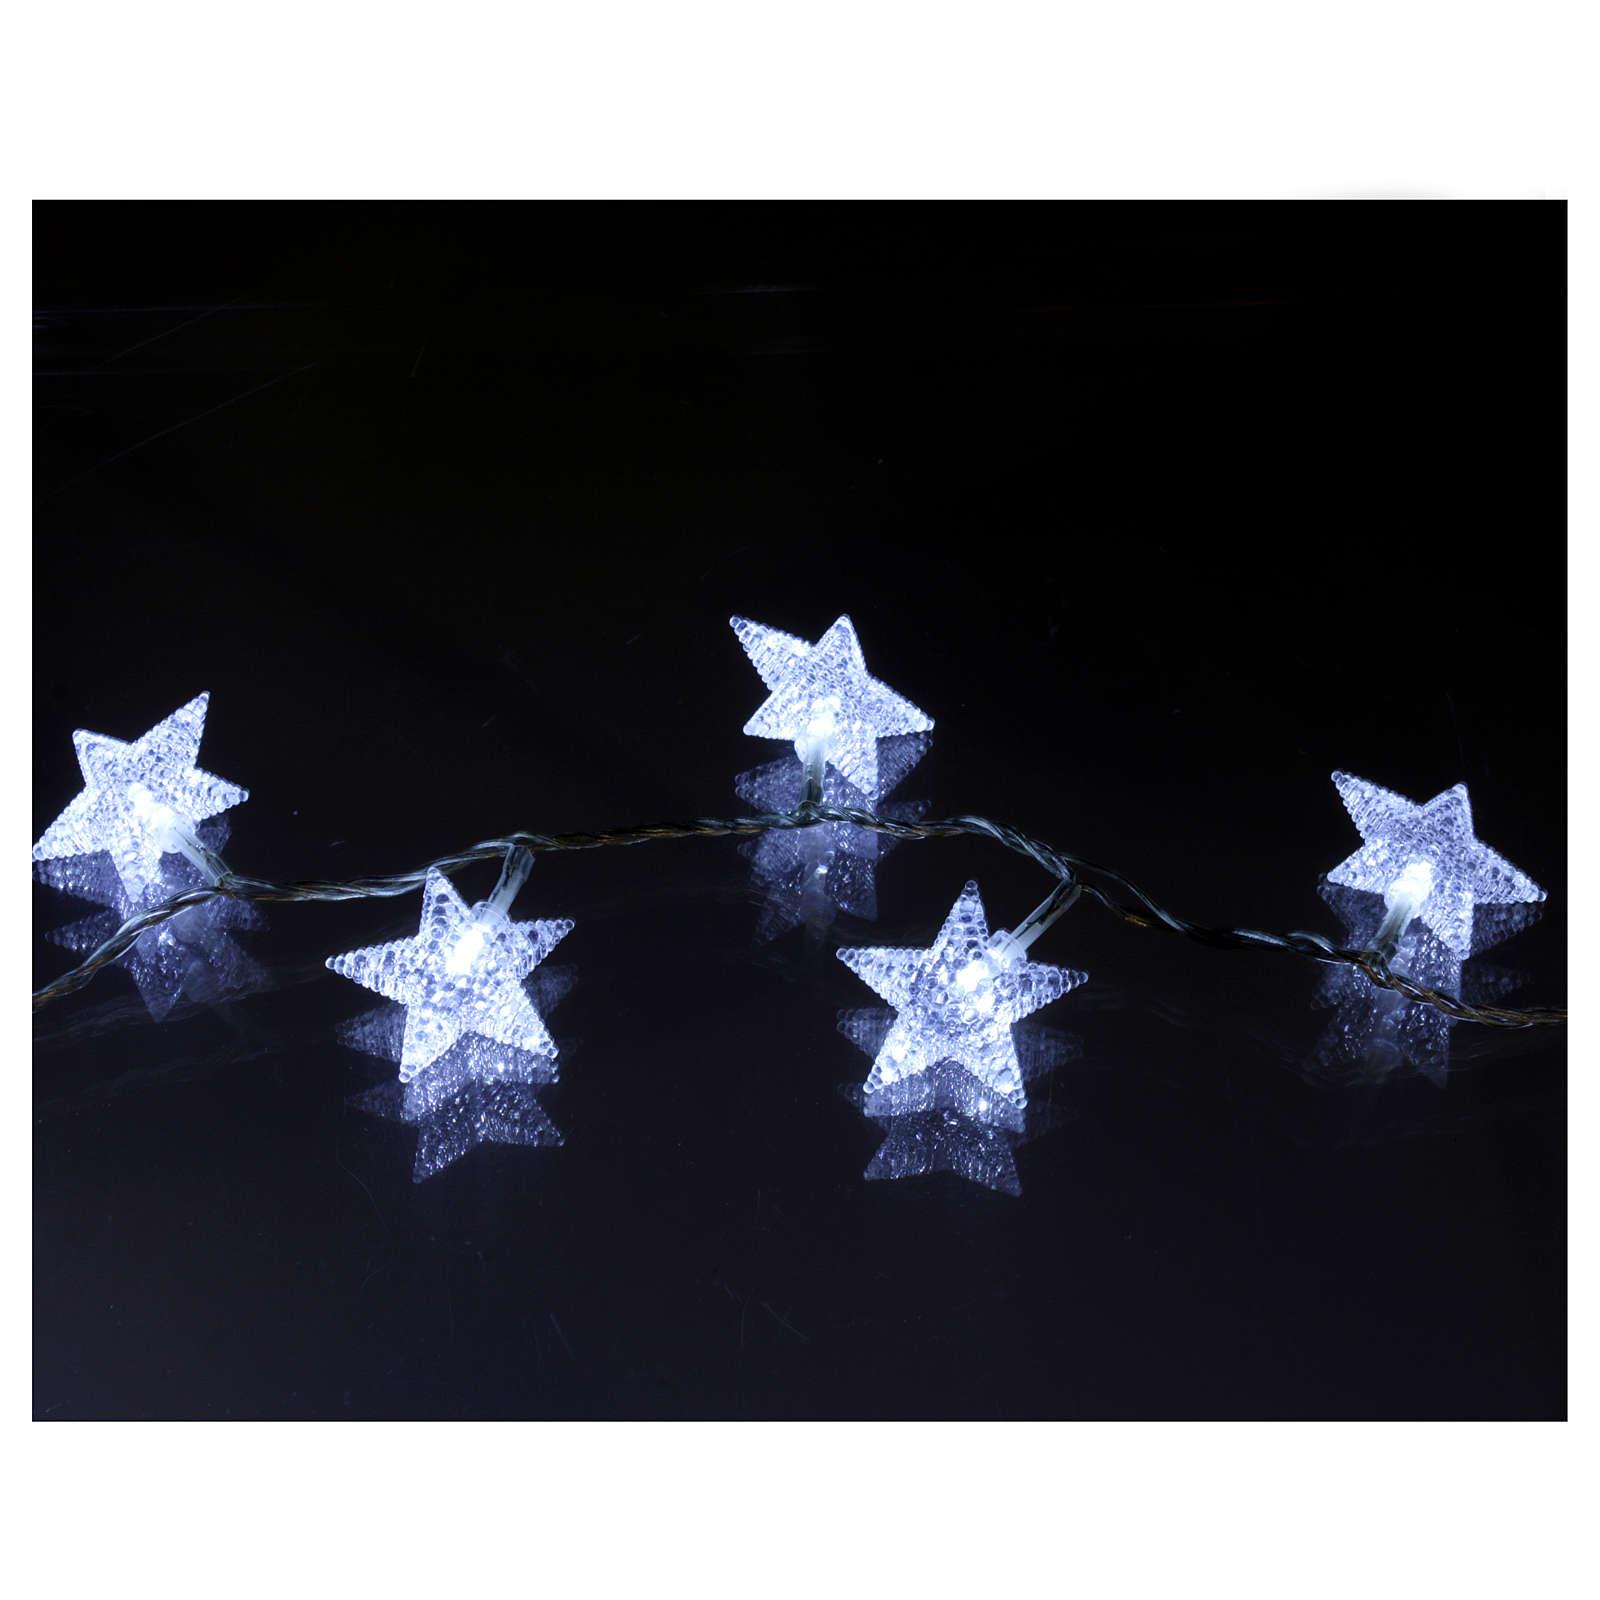 Cadena estrellas 100 led blanco hielo interior exterior 3